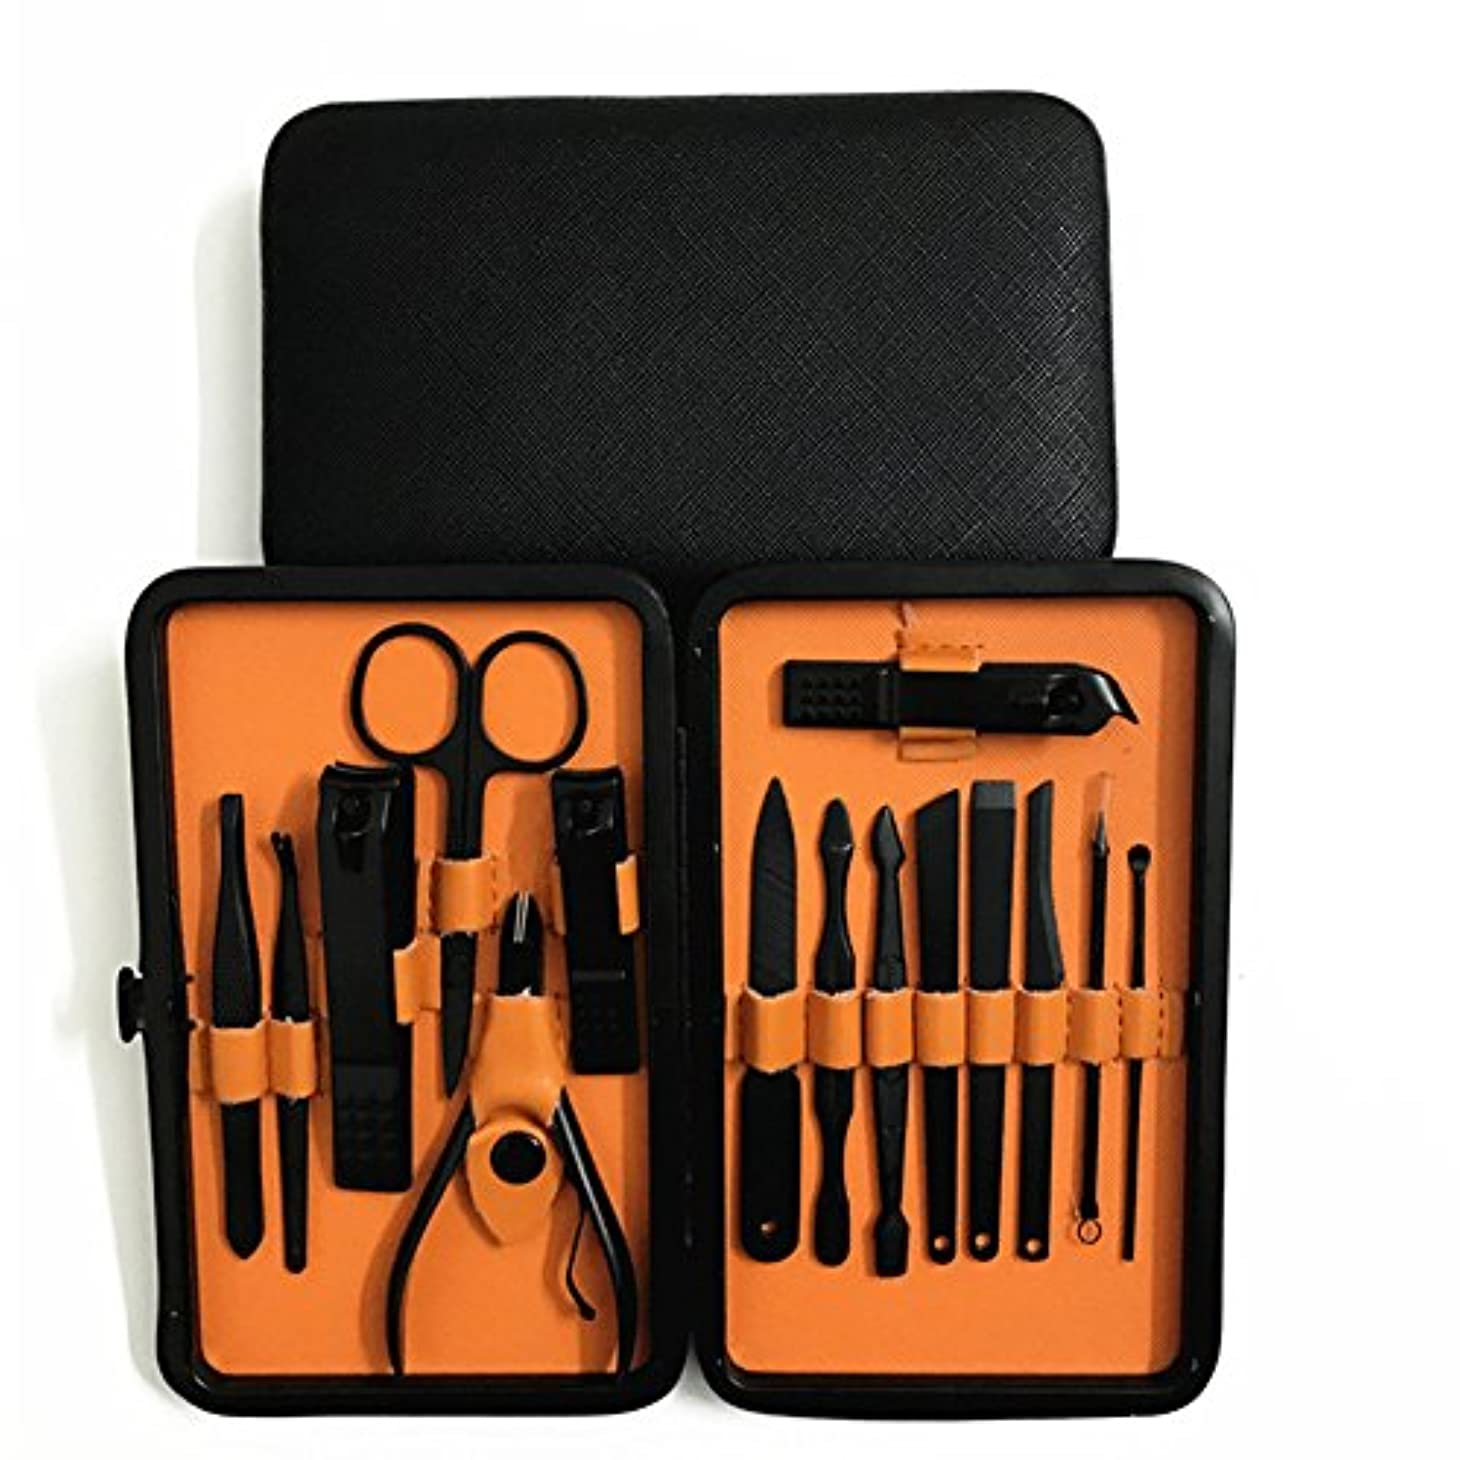 オプション厳密に増幅Liebeye 美容ツール セット ステンレス スチール ポケットマニキュア ペディキュアツールセット 15個/セット 十字紋紋ケース+オレンジ